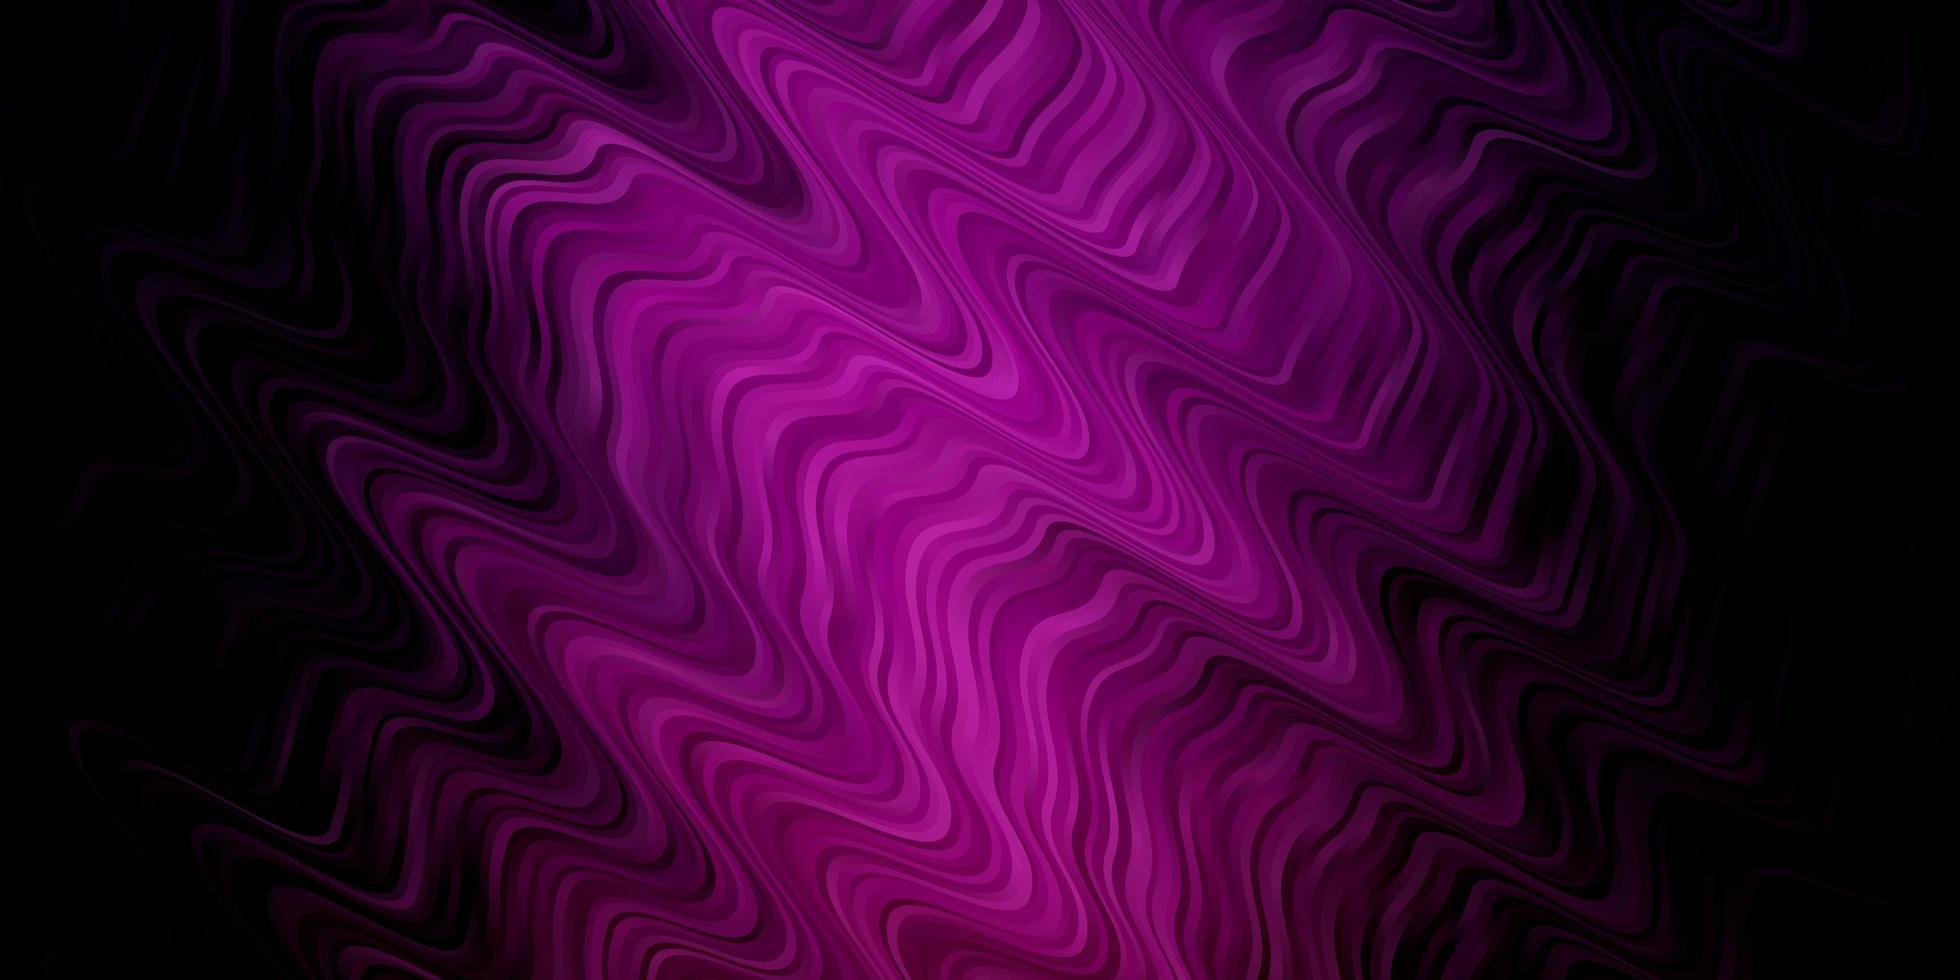 patrón de vector púrpura oscuro con curvas.